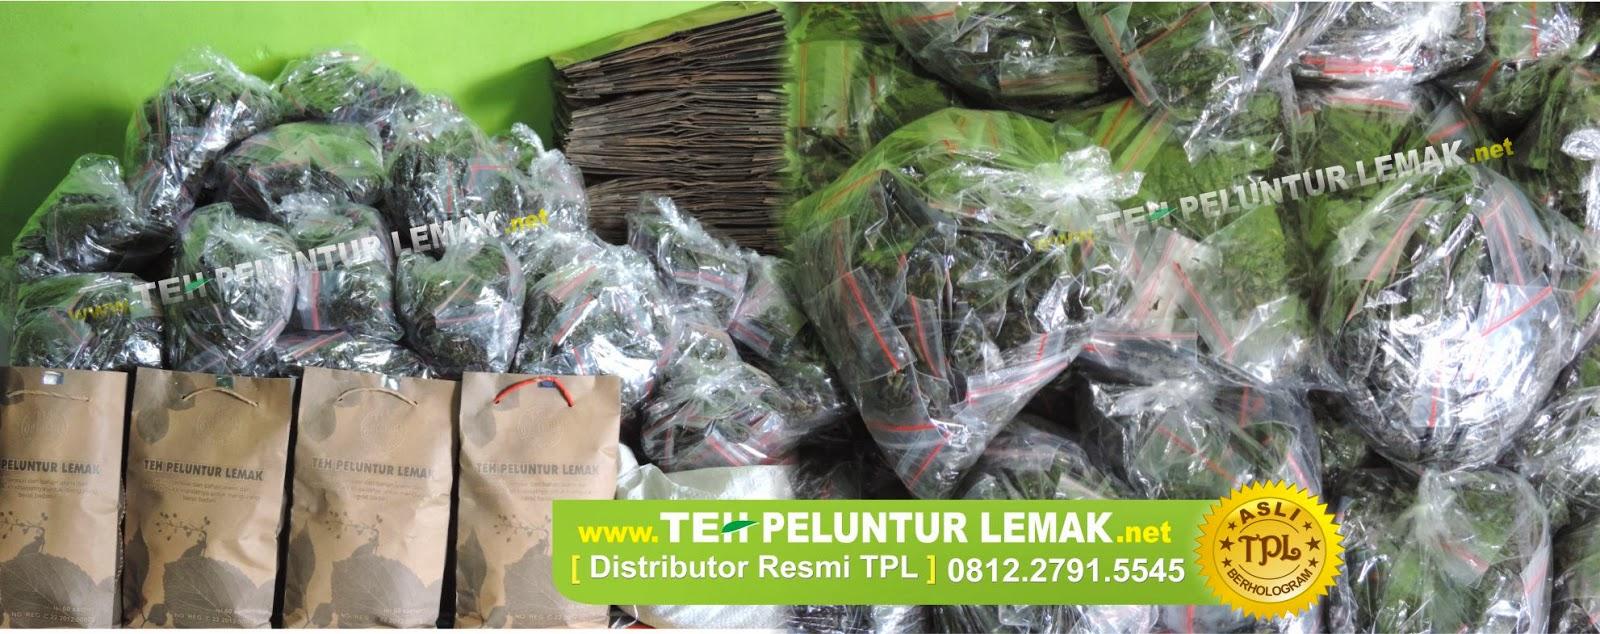 Penjual Teh TPL Eceran dan Partai Besar